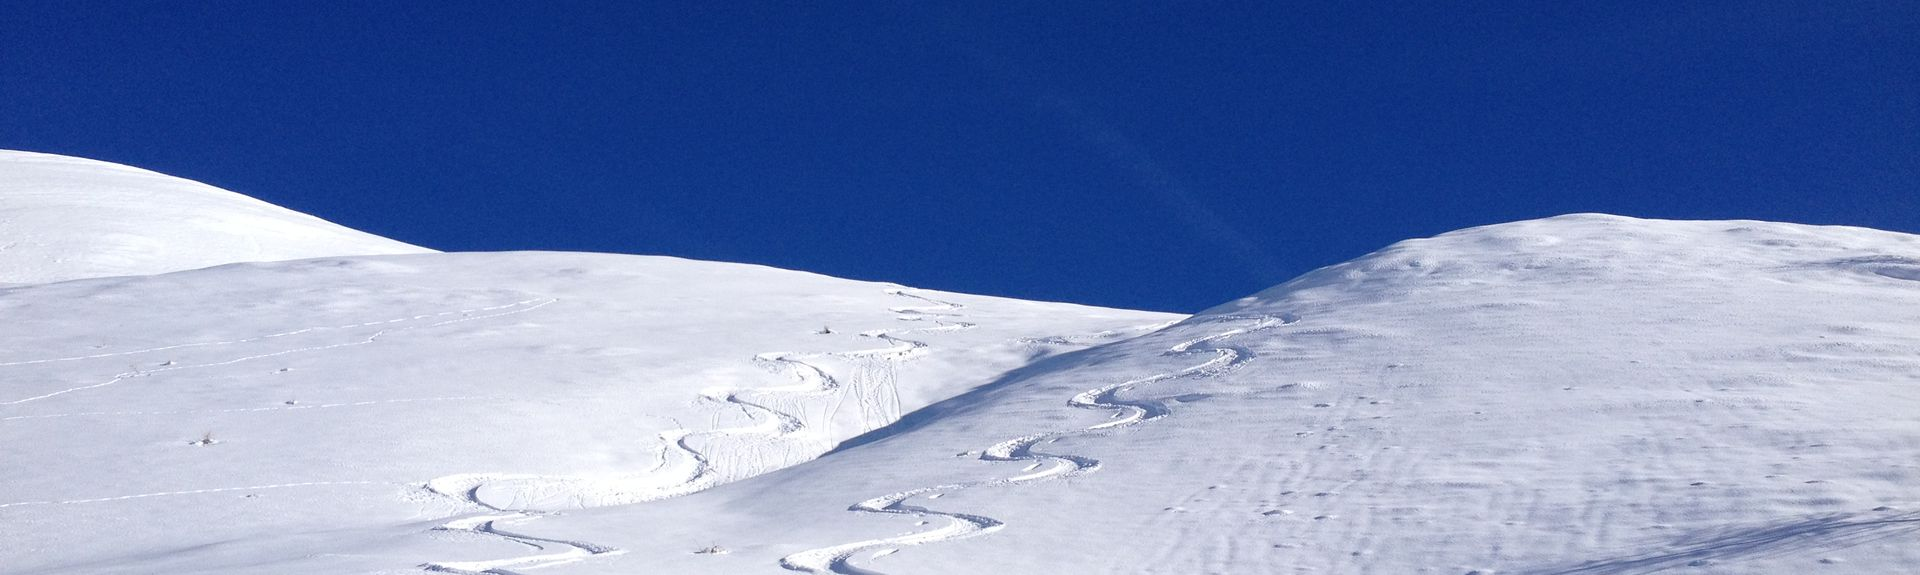 Mont-Dauphin, Prowansja-Alpy-Lazurowe Wybrzeże, Francja